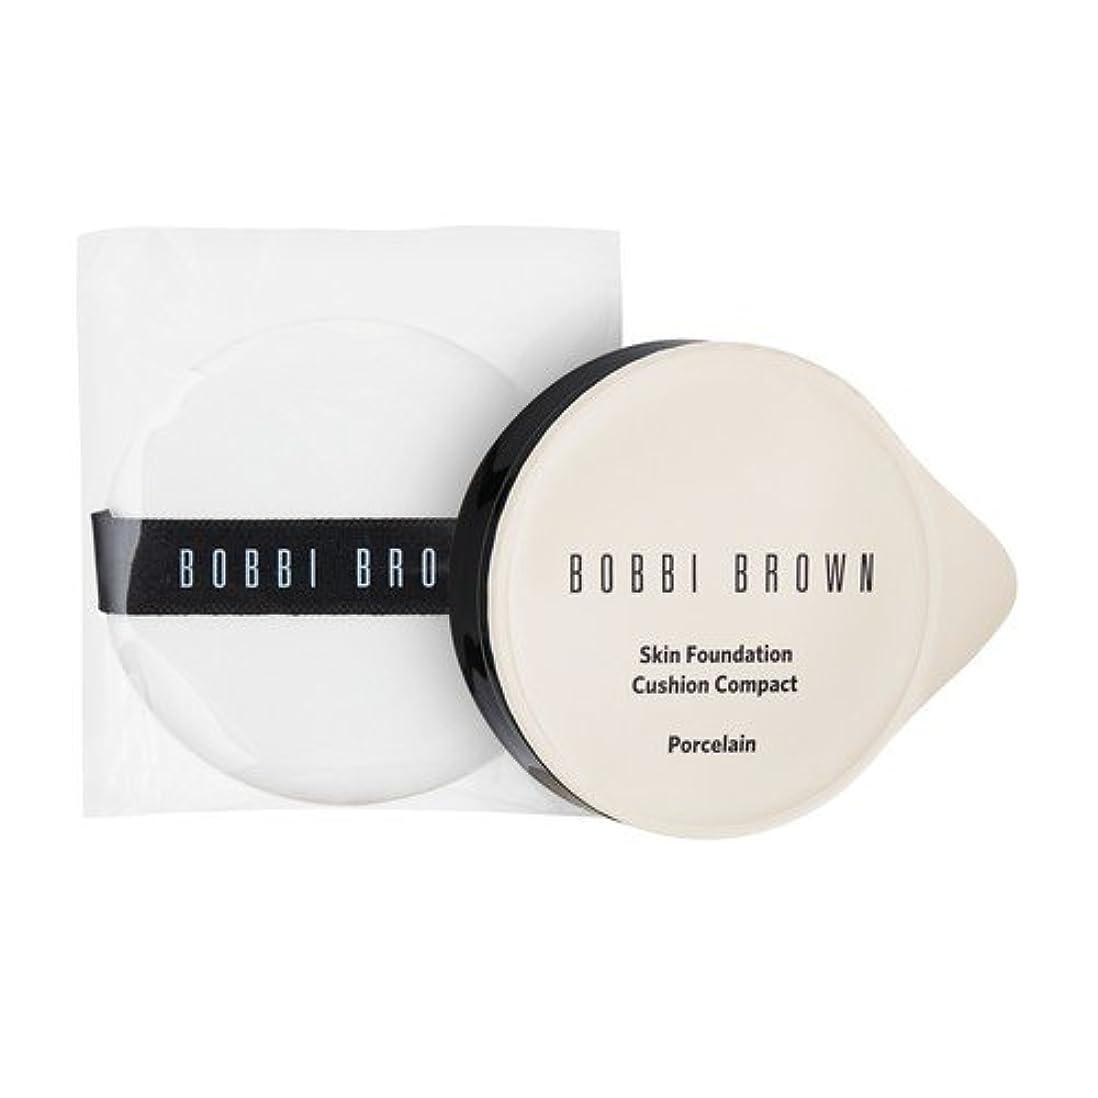 投票思慮深い添加剤ボビイブラウン(BOBBI BROWN) 【リフィルのみ】スキン ファンデーション クッション コンパクト SPF 50 (PA+++) (ポーセリン) 13g [並行輸入品]